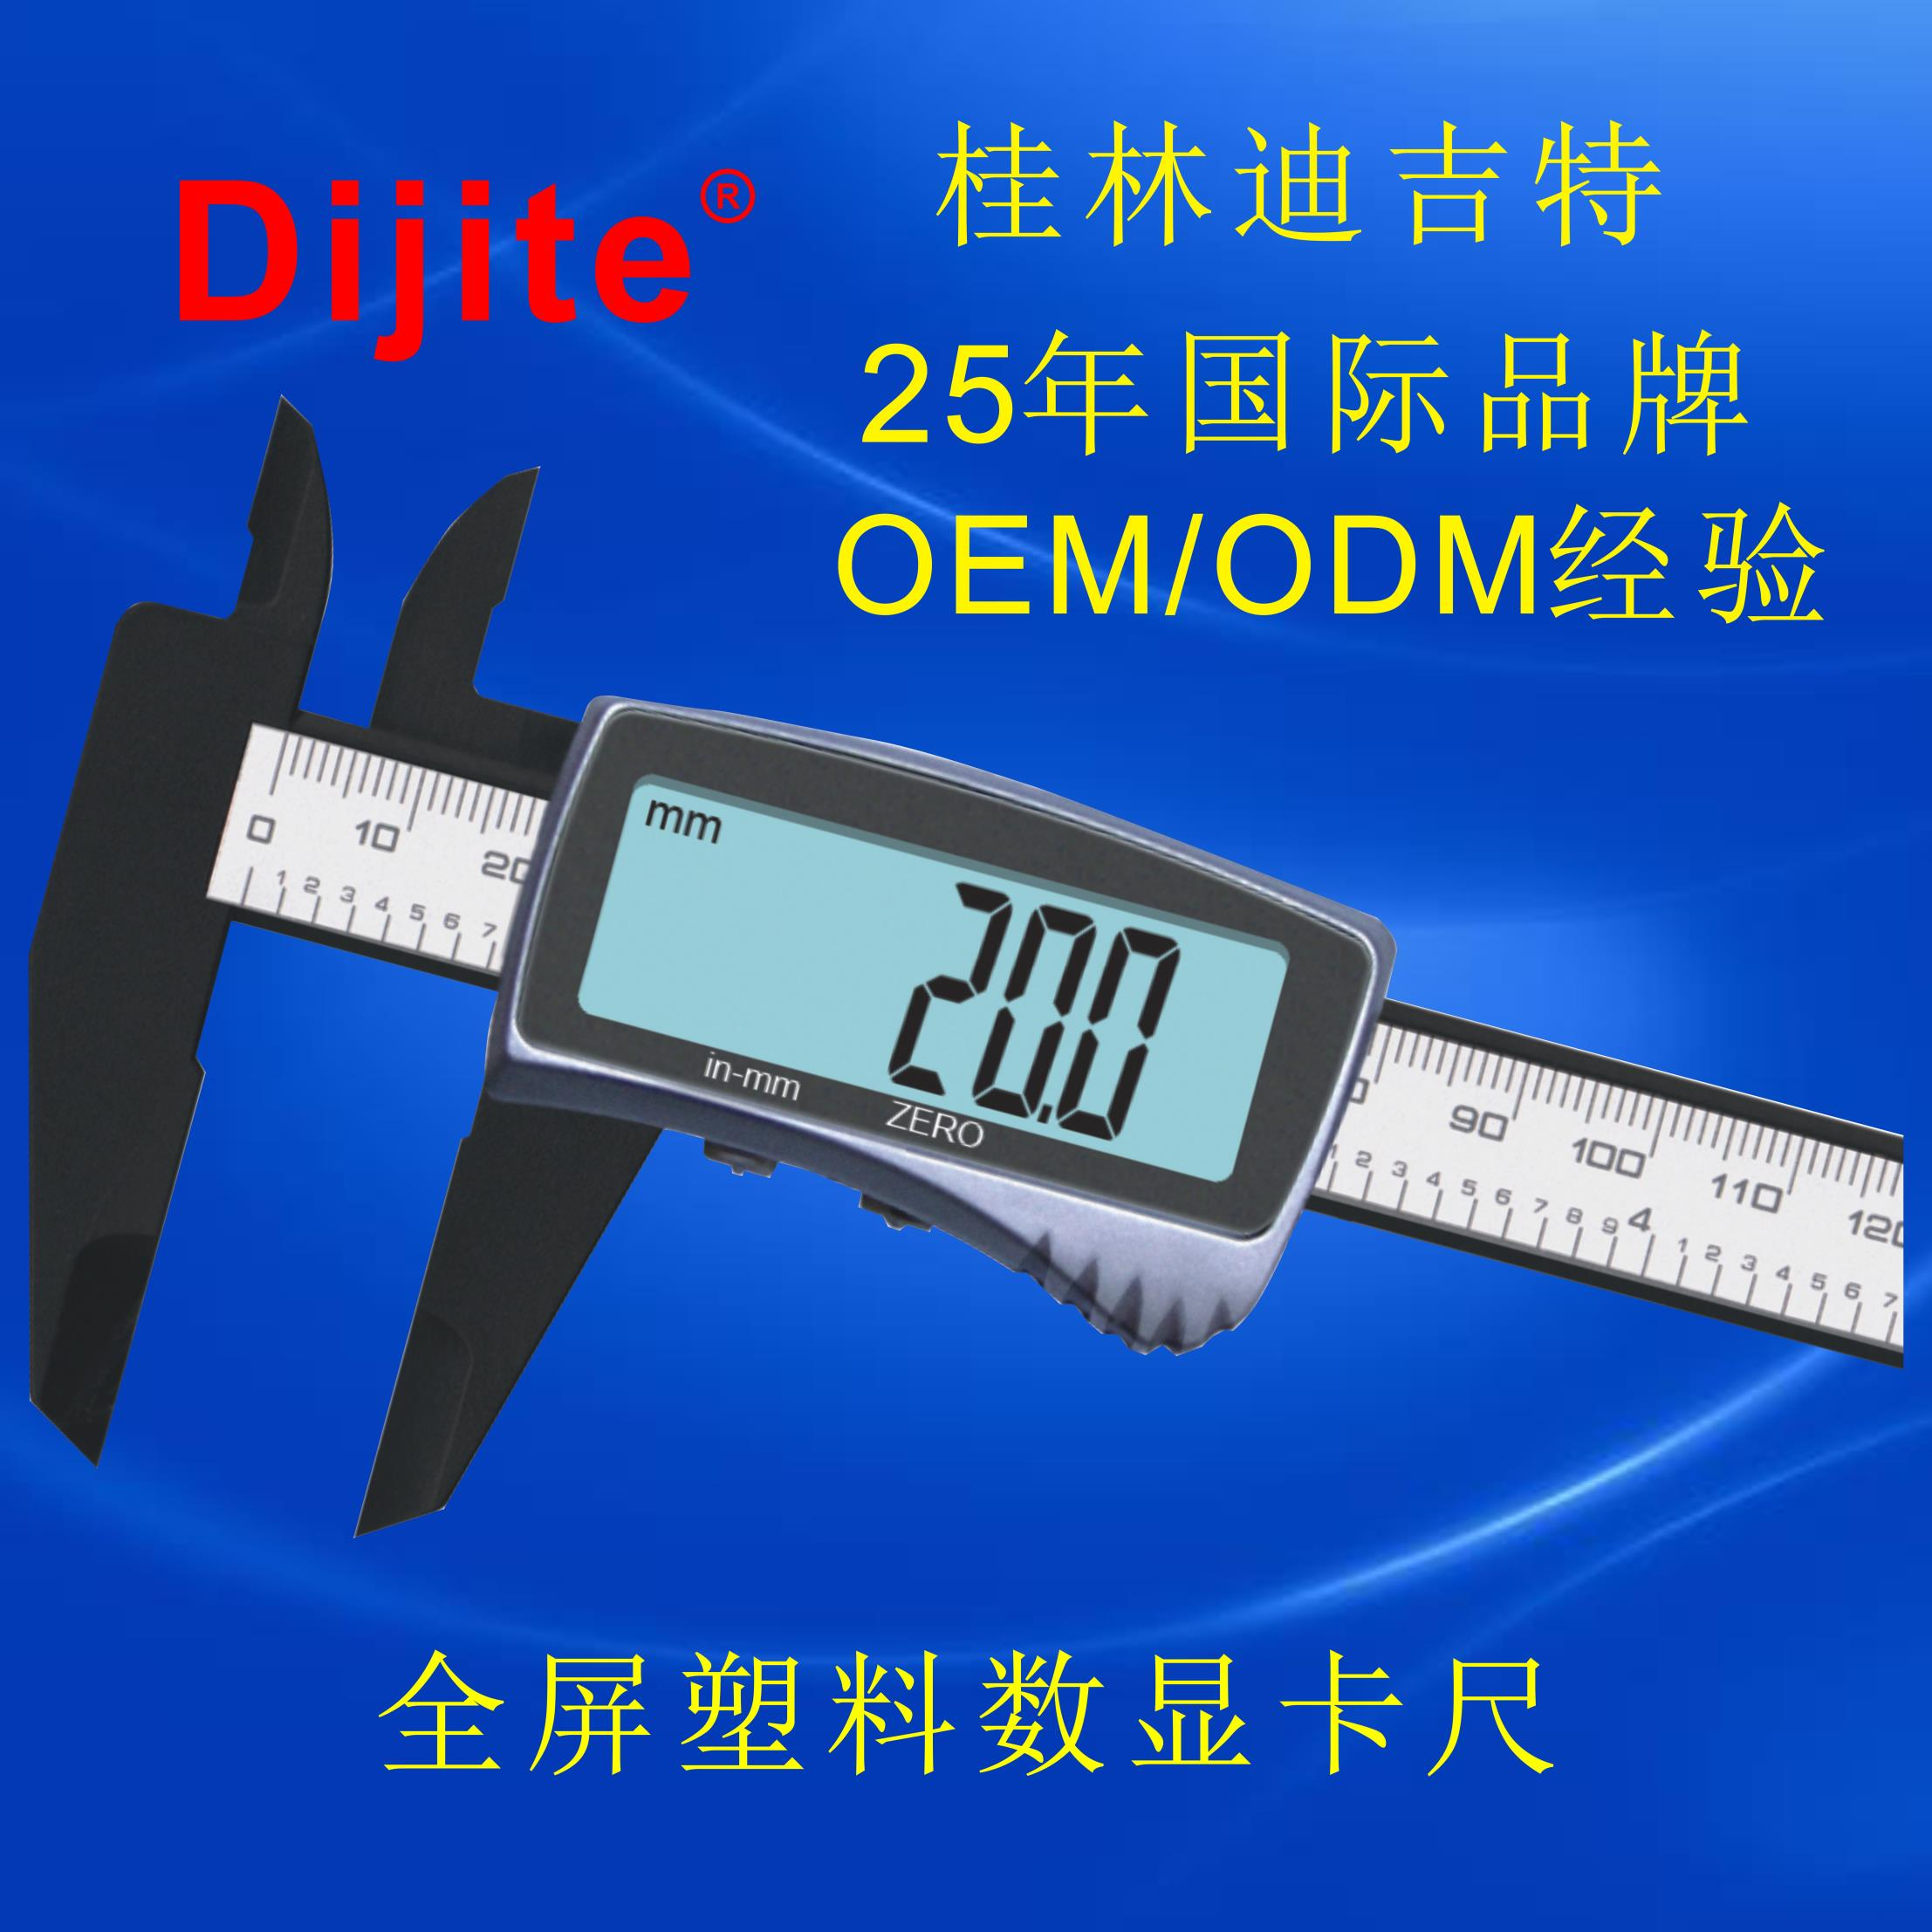 吉特量具 0-150mm全屏塑料数显卡尺电子游标卡尺  厂家直销  定制